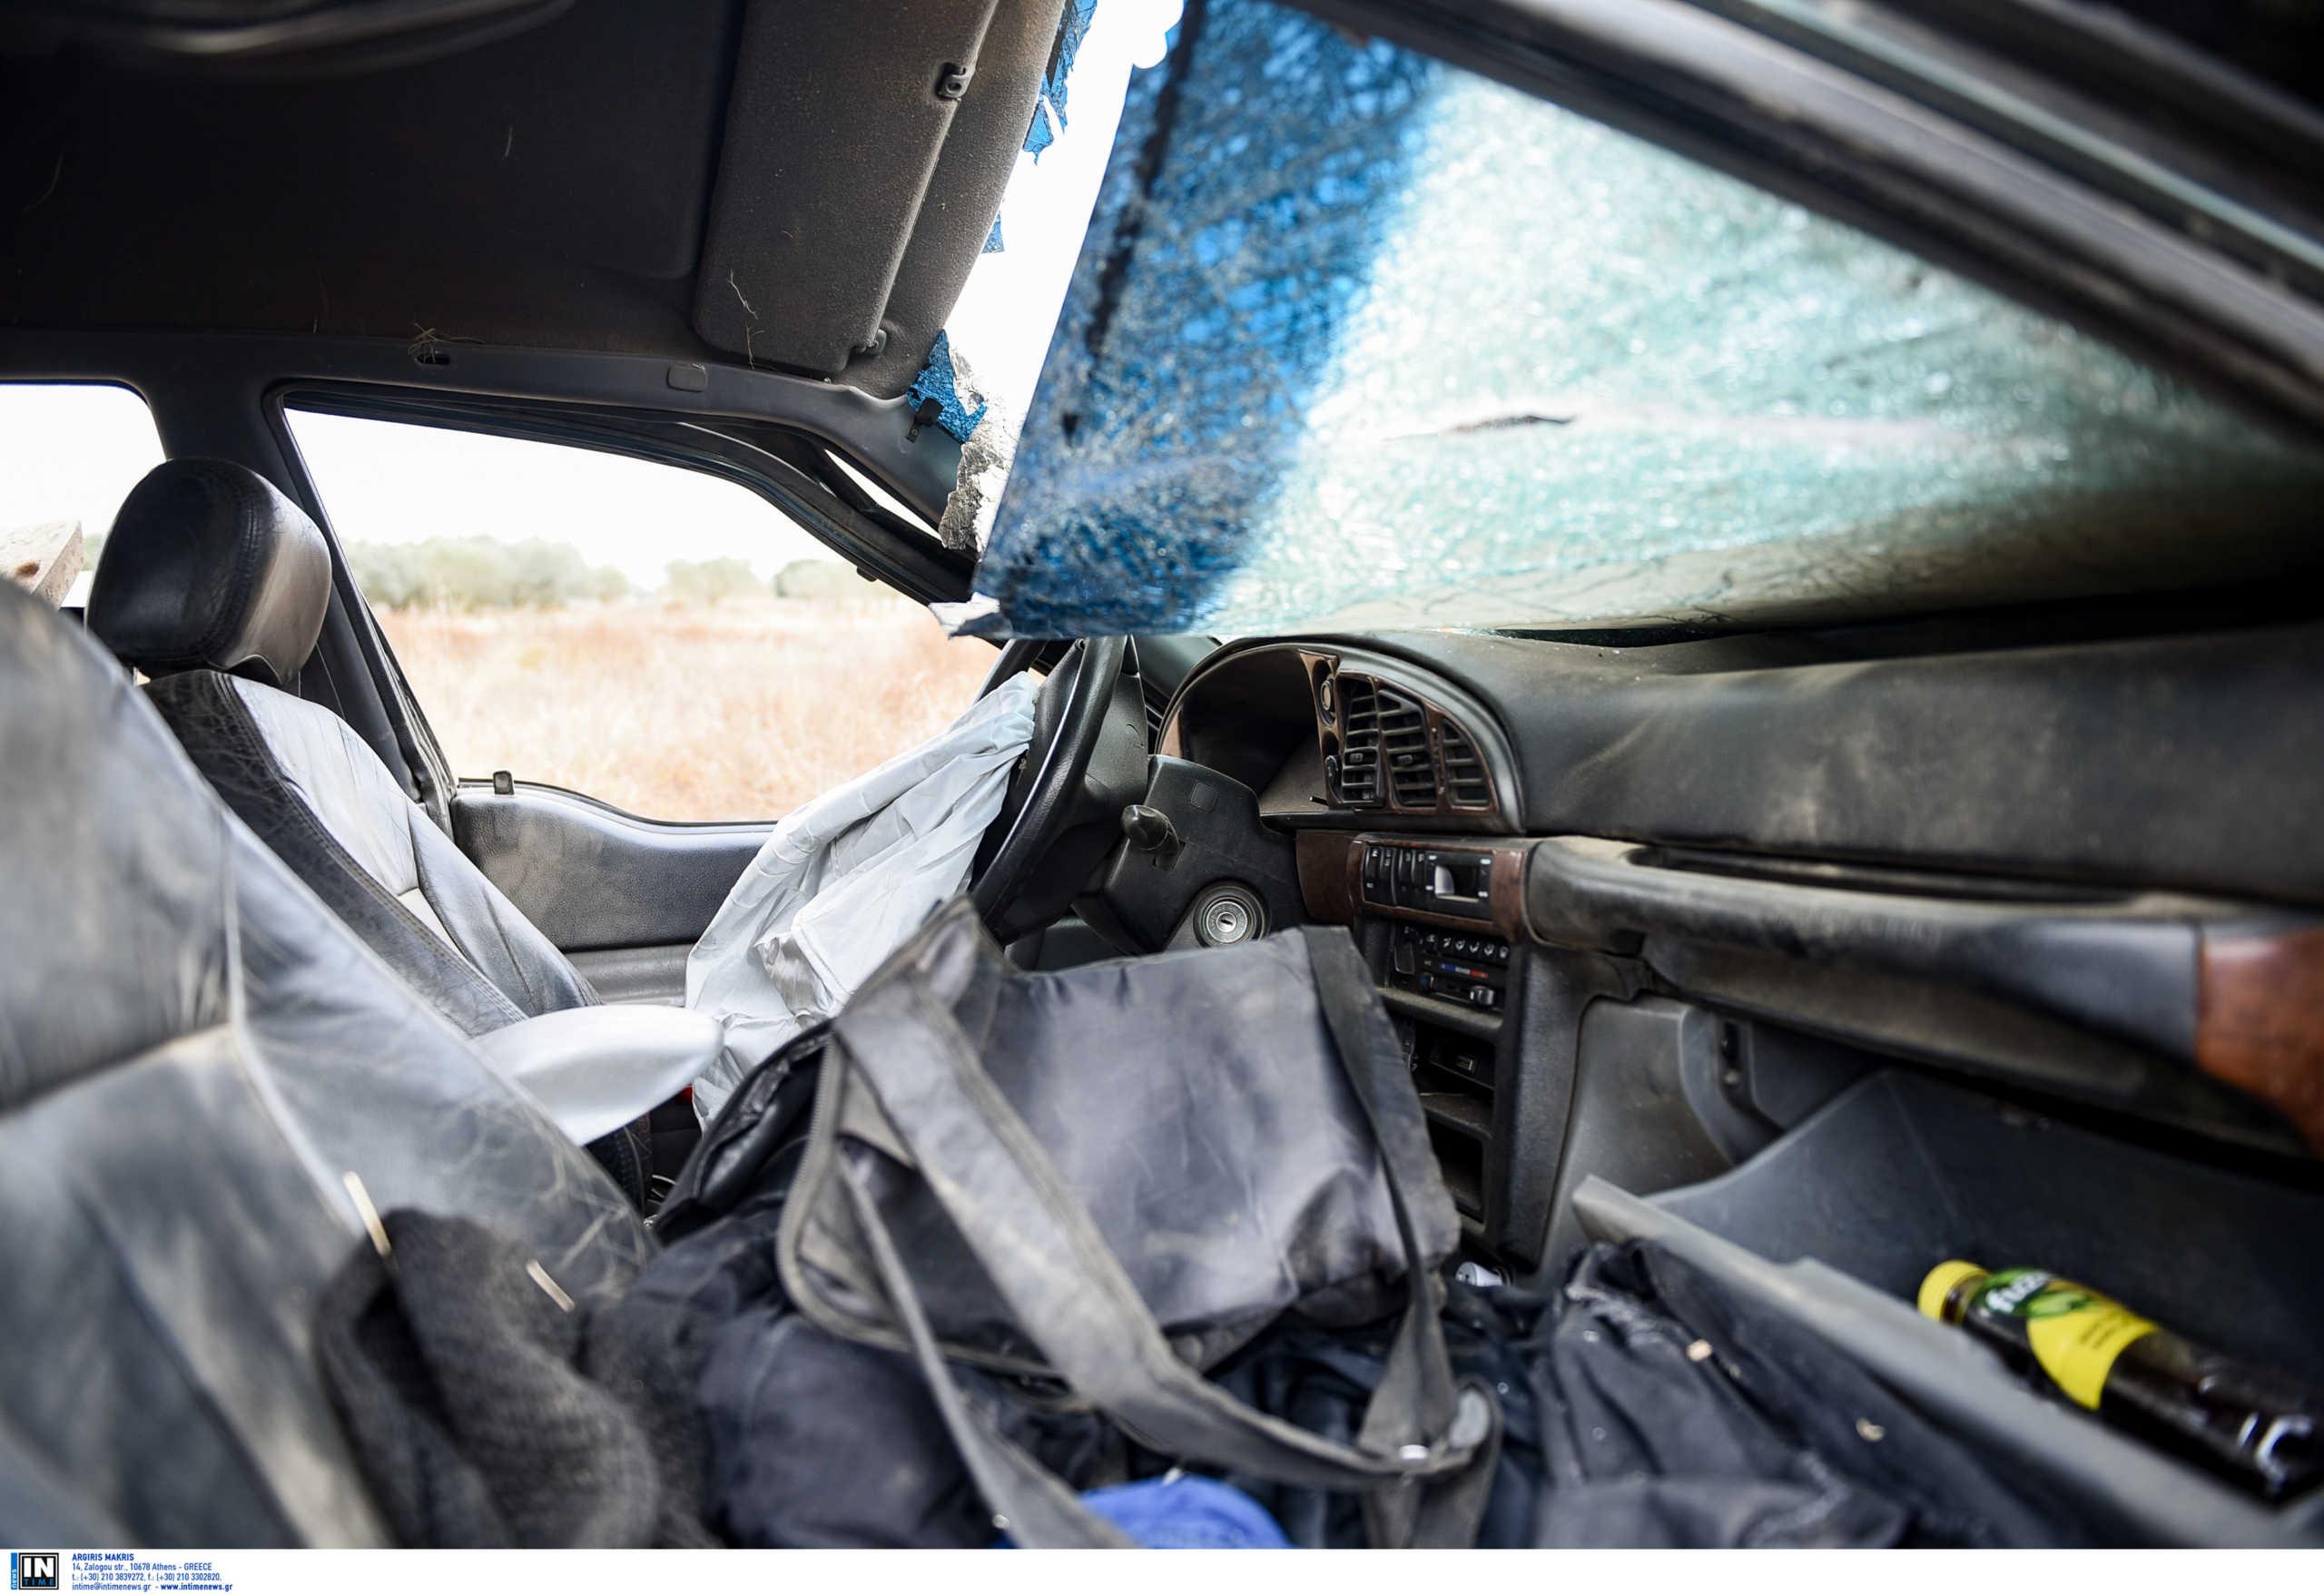 Αχαϊα: Ένας νεκρός και δύο τραυματίες σε τροχαίο! Συγγενείς τράκαραν μεταξύ τους